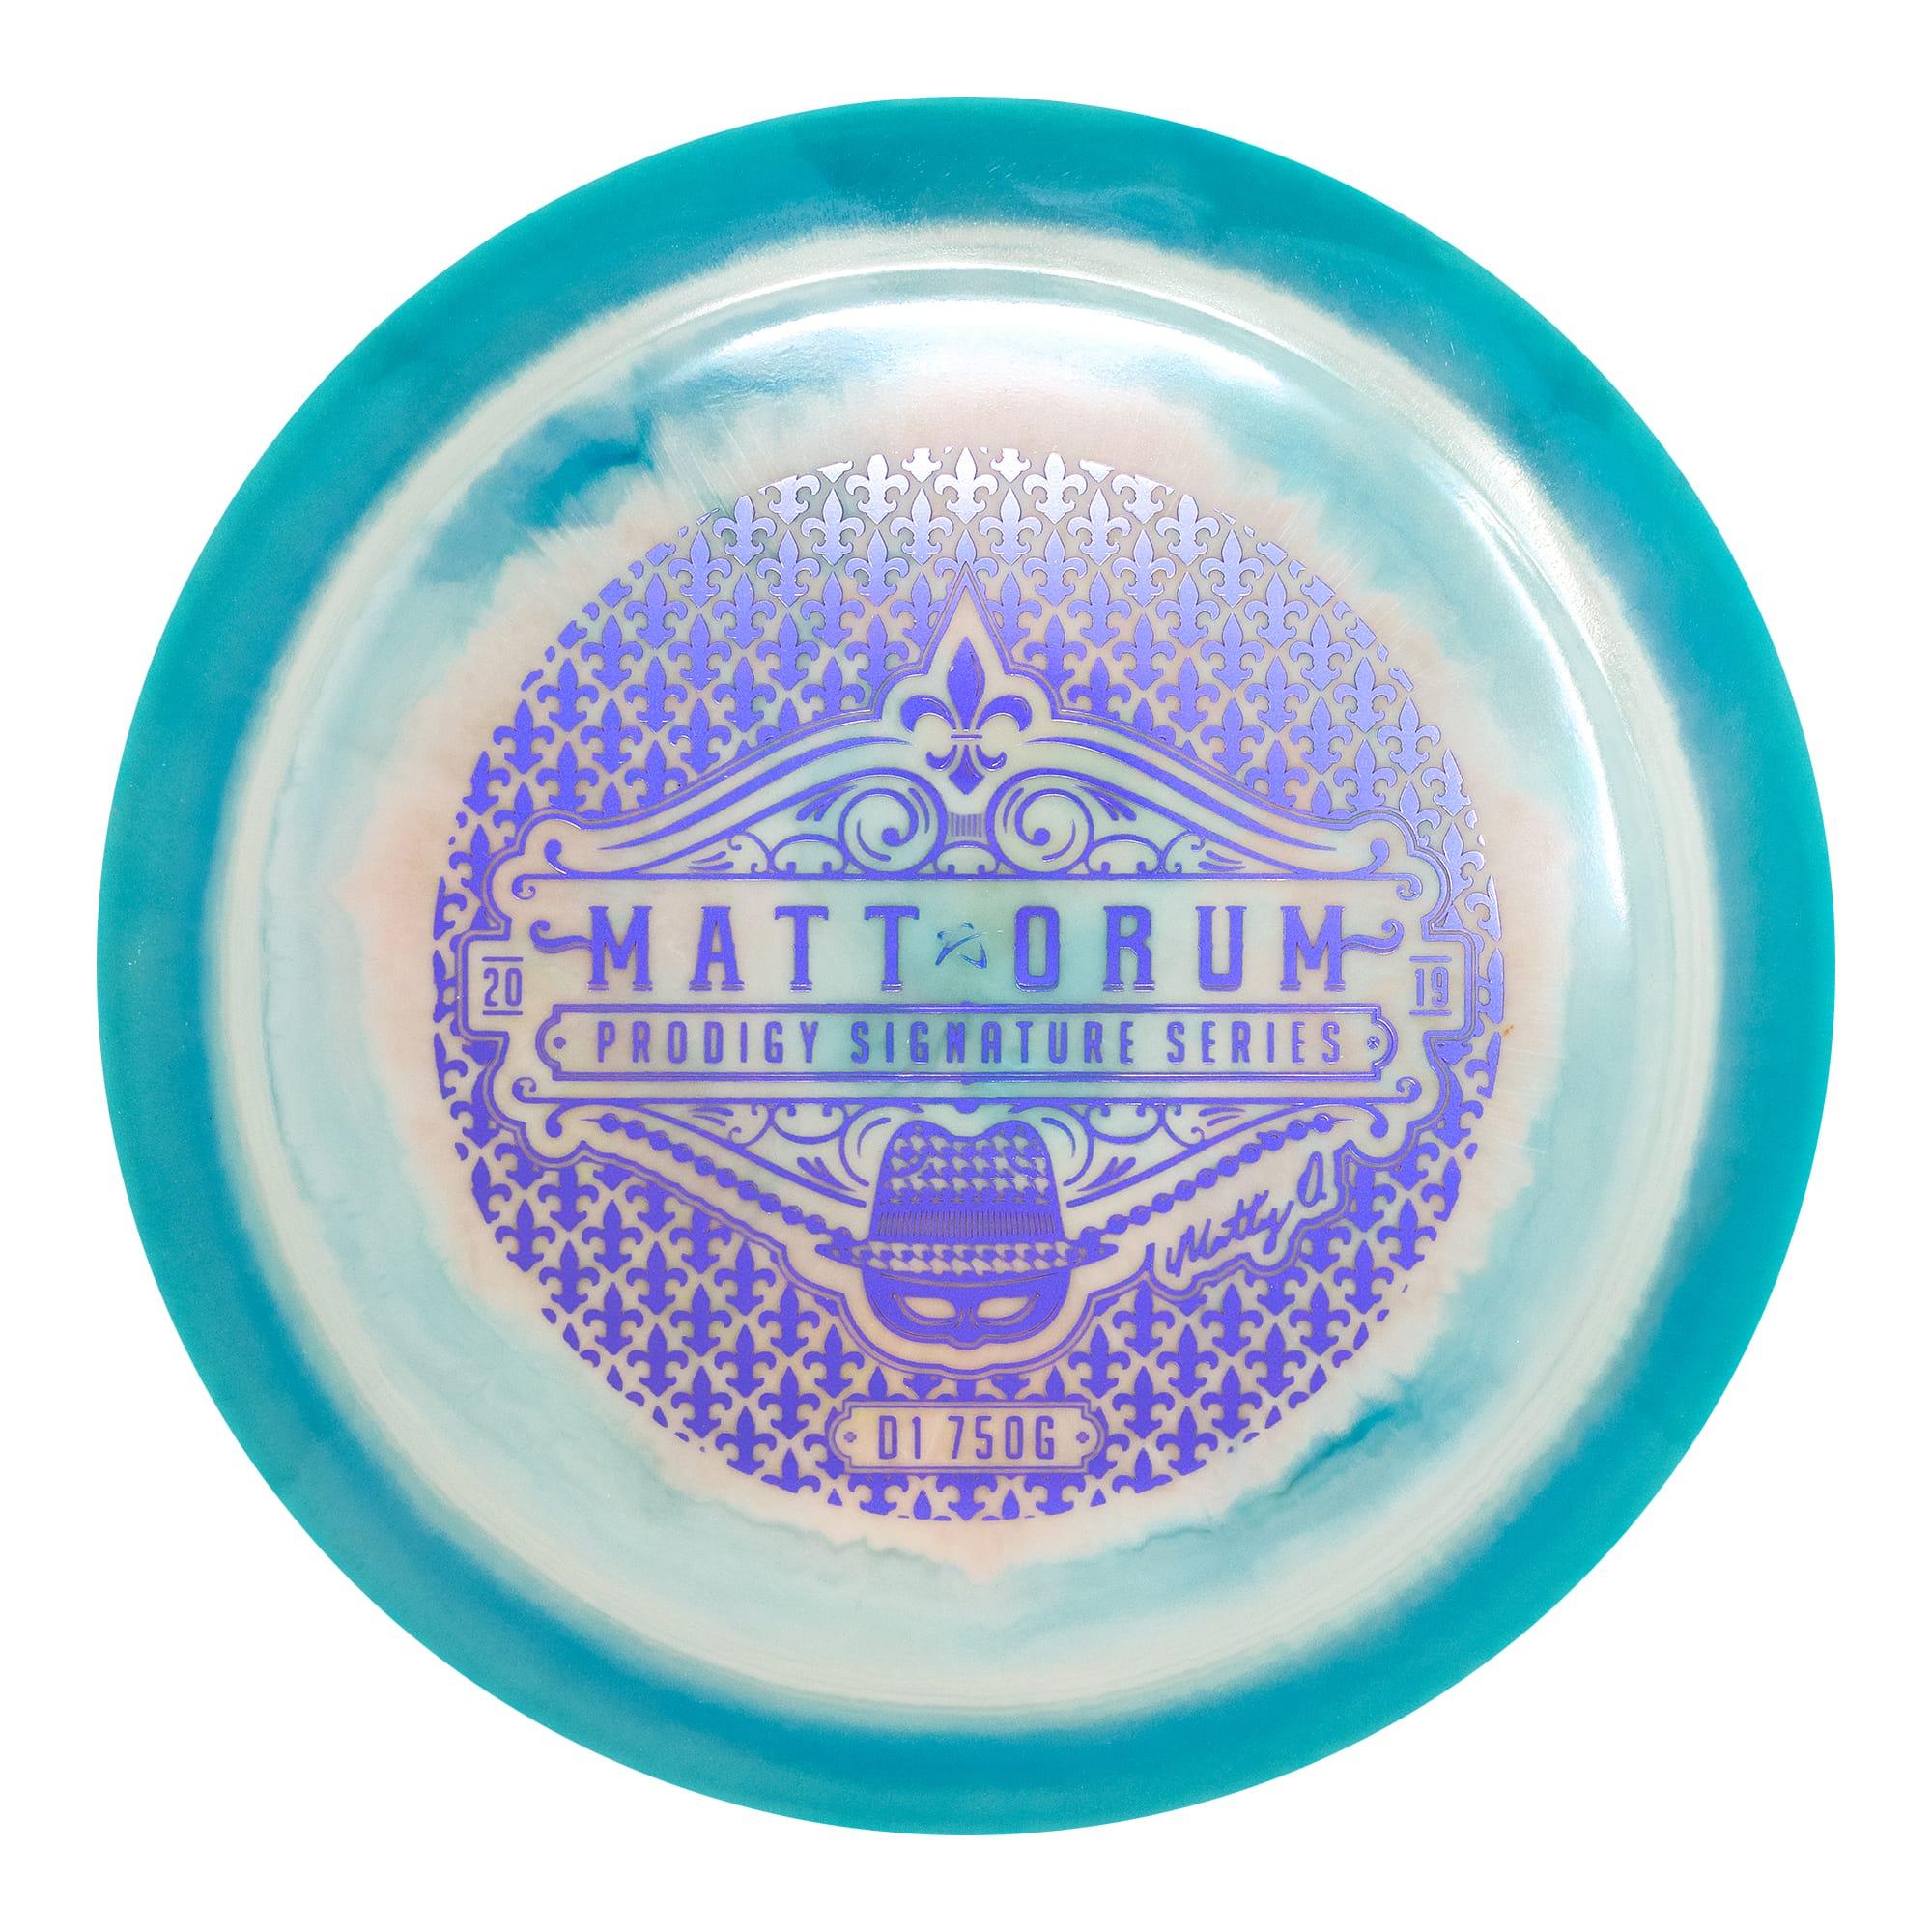 Matt_Orum_Special_Edition_Signature_Series_D1_750G_Thumbnailsprodigy-D1-750g-matt-orum-se-sig-blue-cream_OPT.jpg